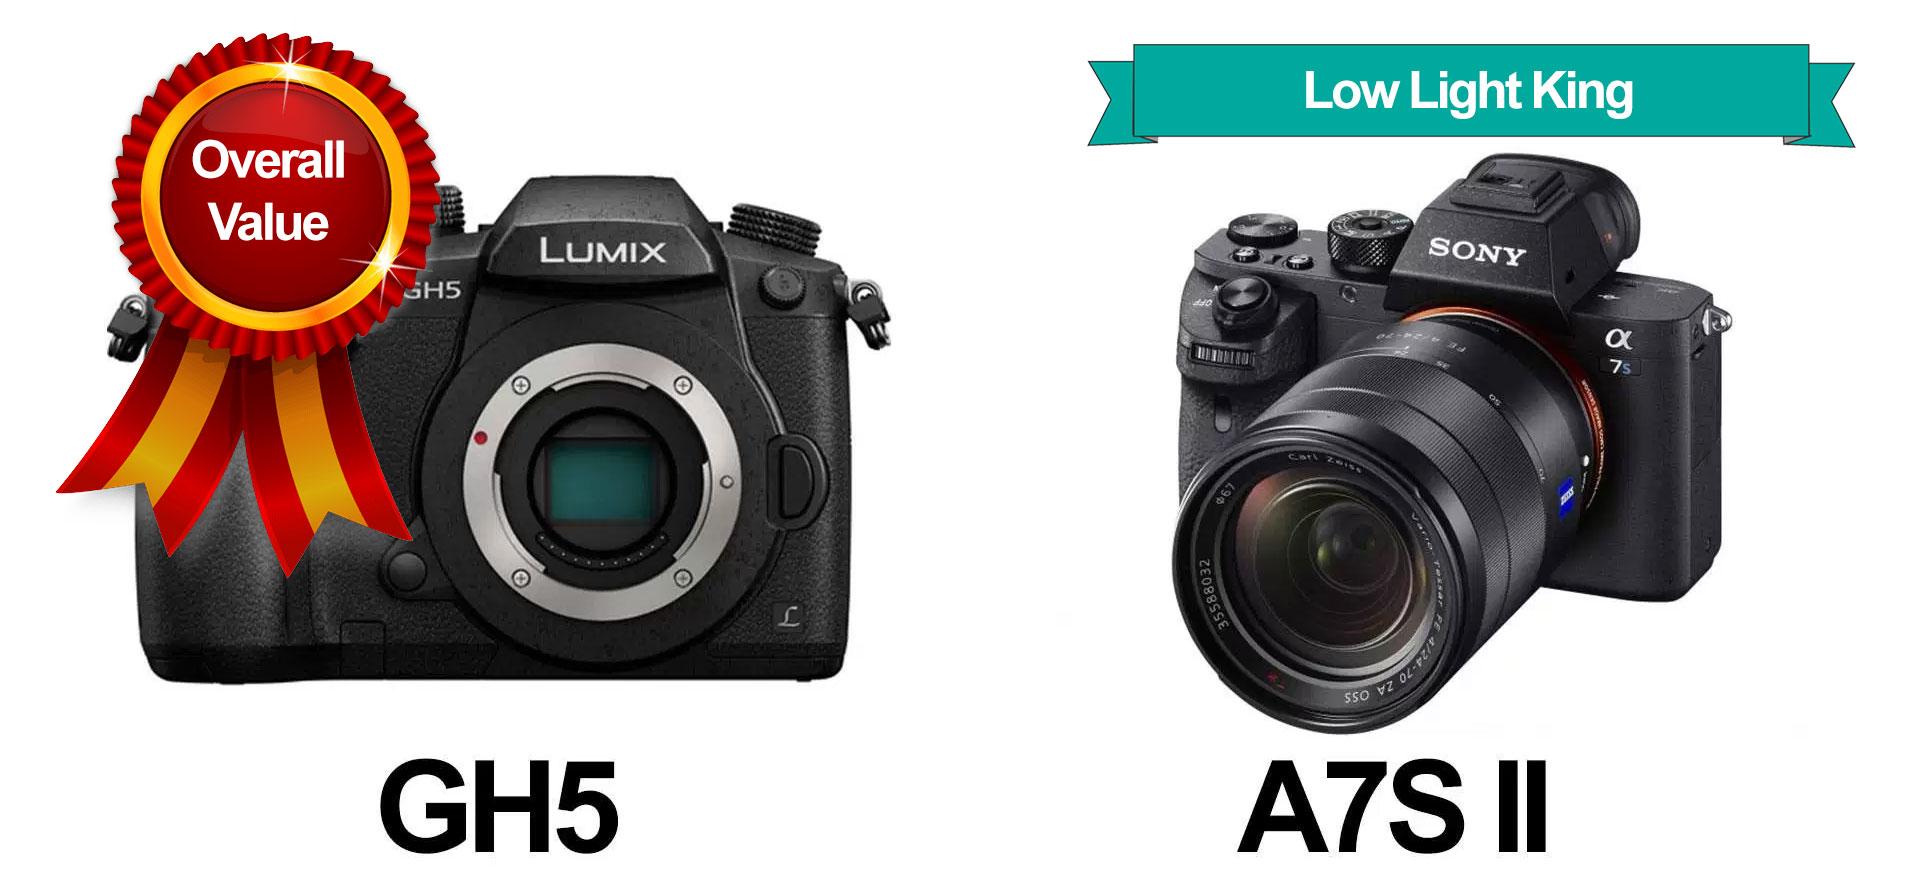 a7s-ii-gh5-comparison-camera-best